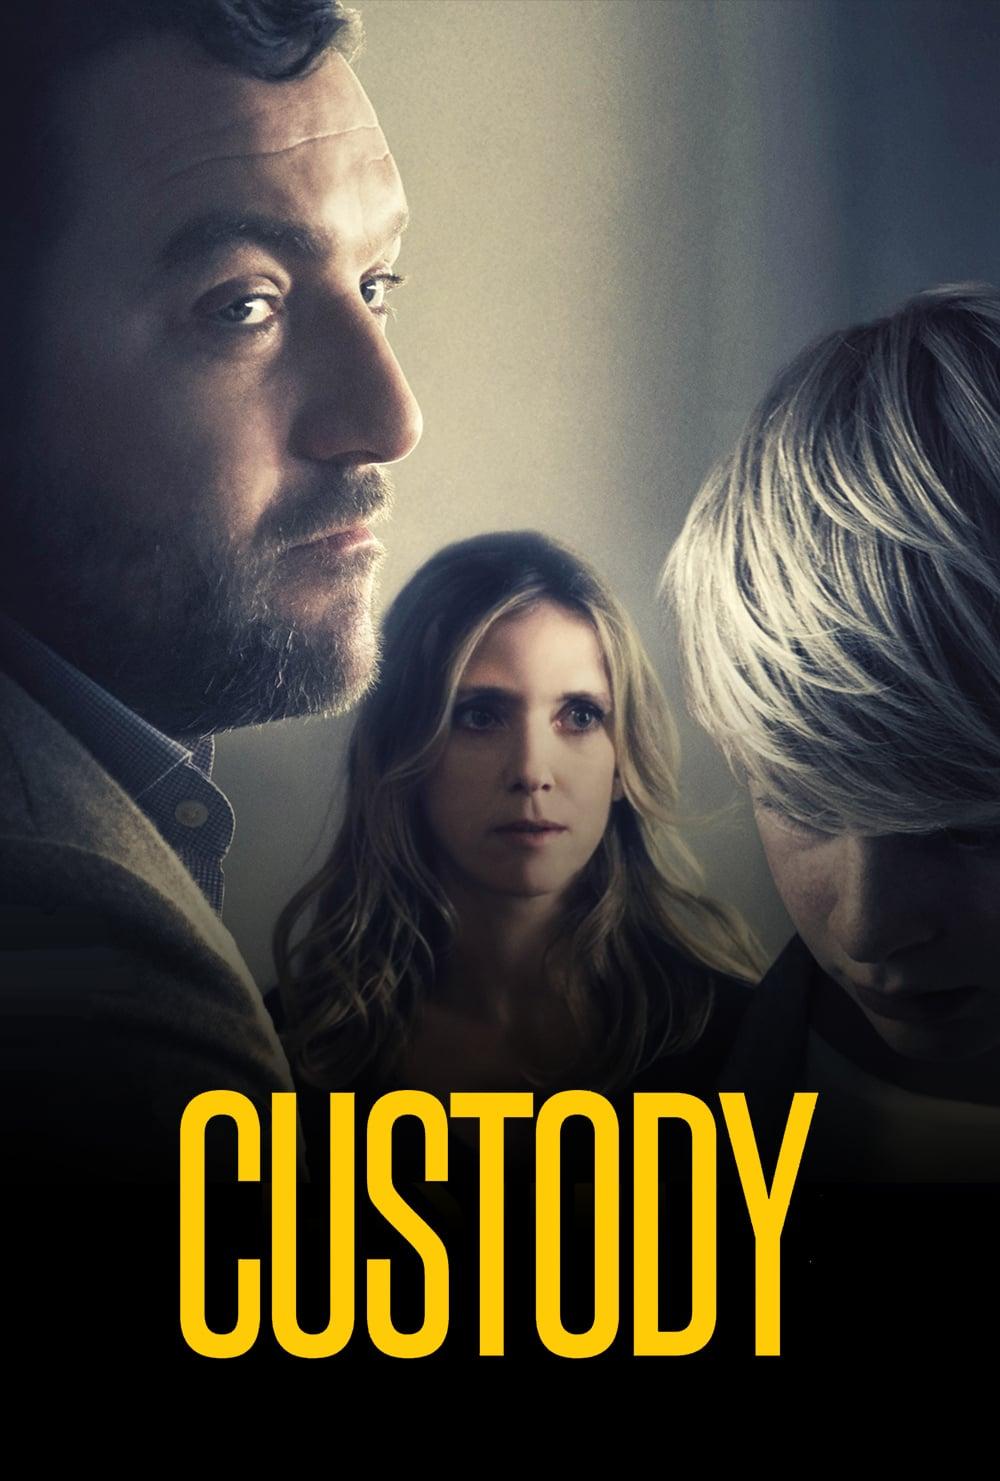 دانلود فیلم Custody 2017 با زیرنویس فارسی